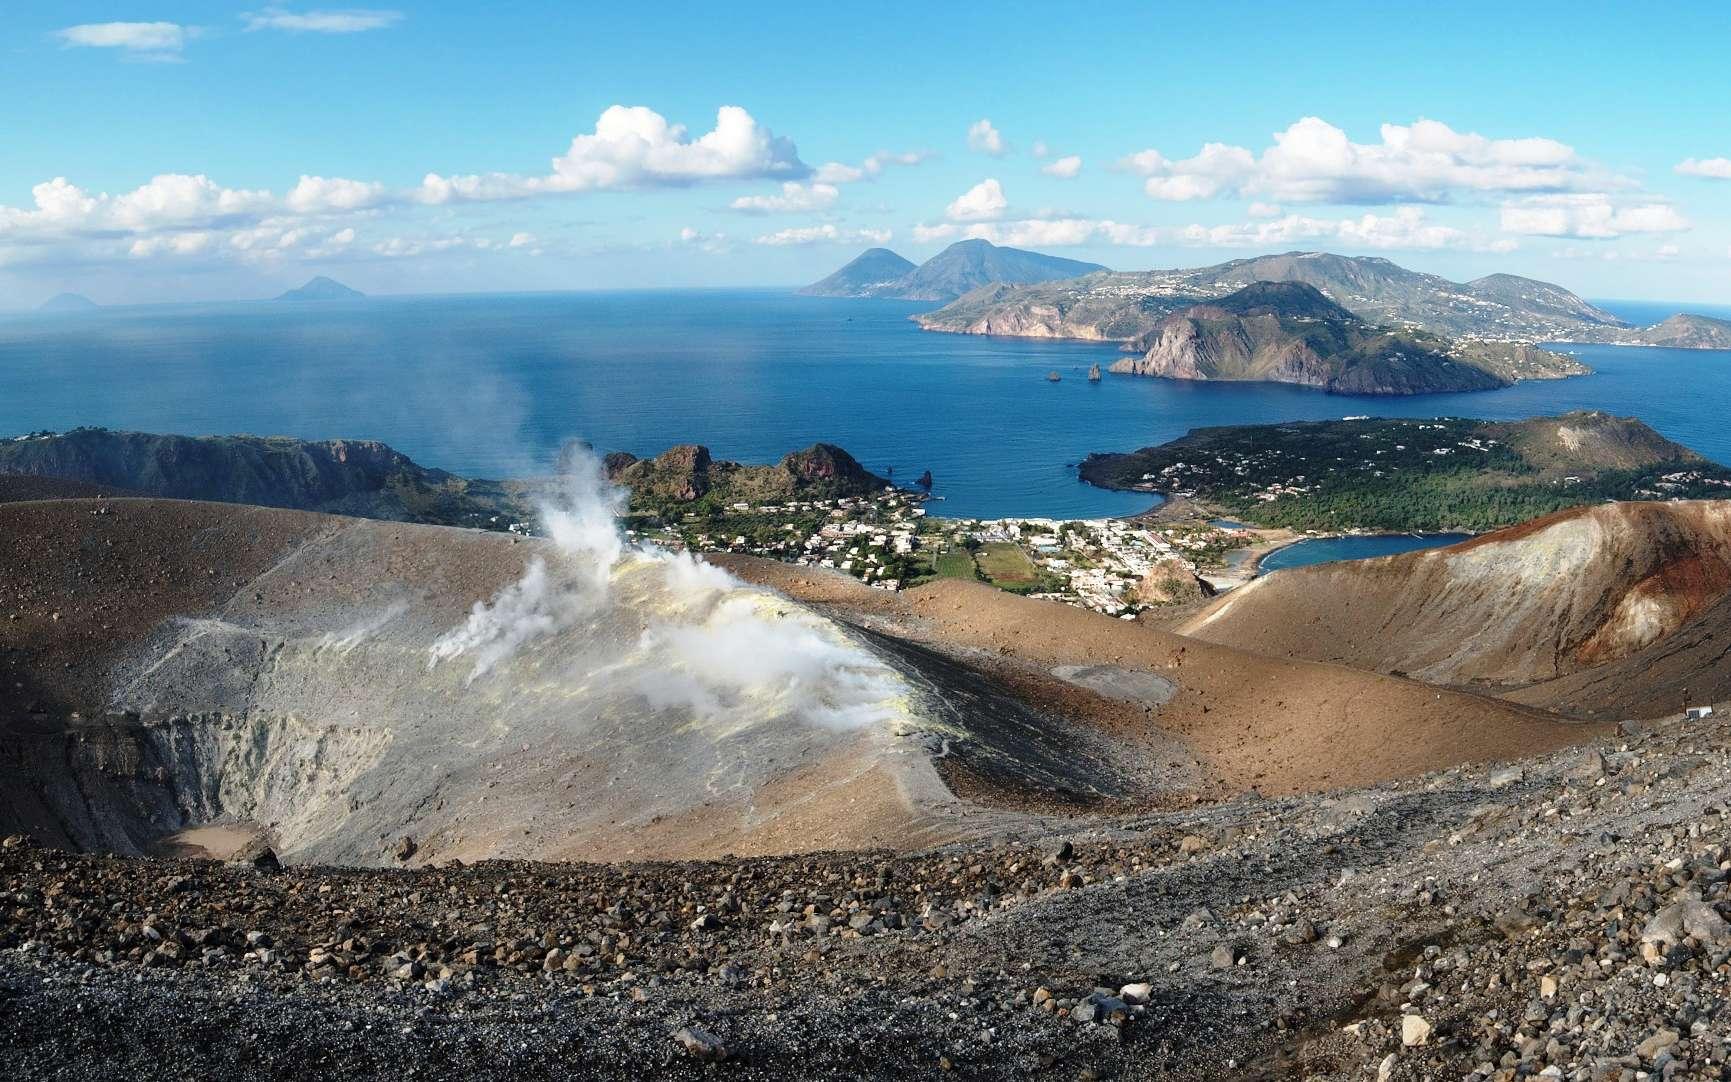 Une vue du cratère de Fossa II de Vulcano avec, à l'horizon, l'île de Lipari et les deux cônes de l'île de Salina. © slavapolo, Shutterstock